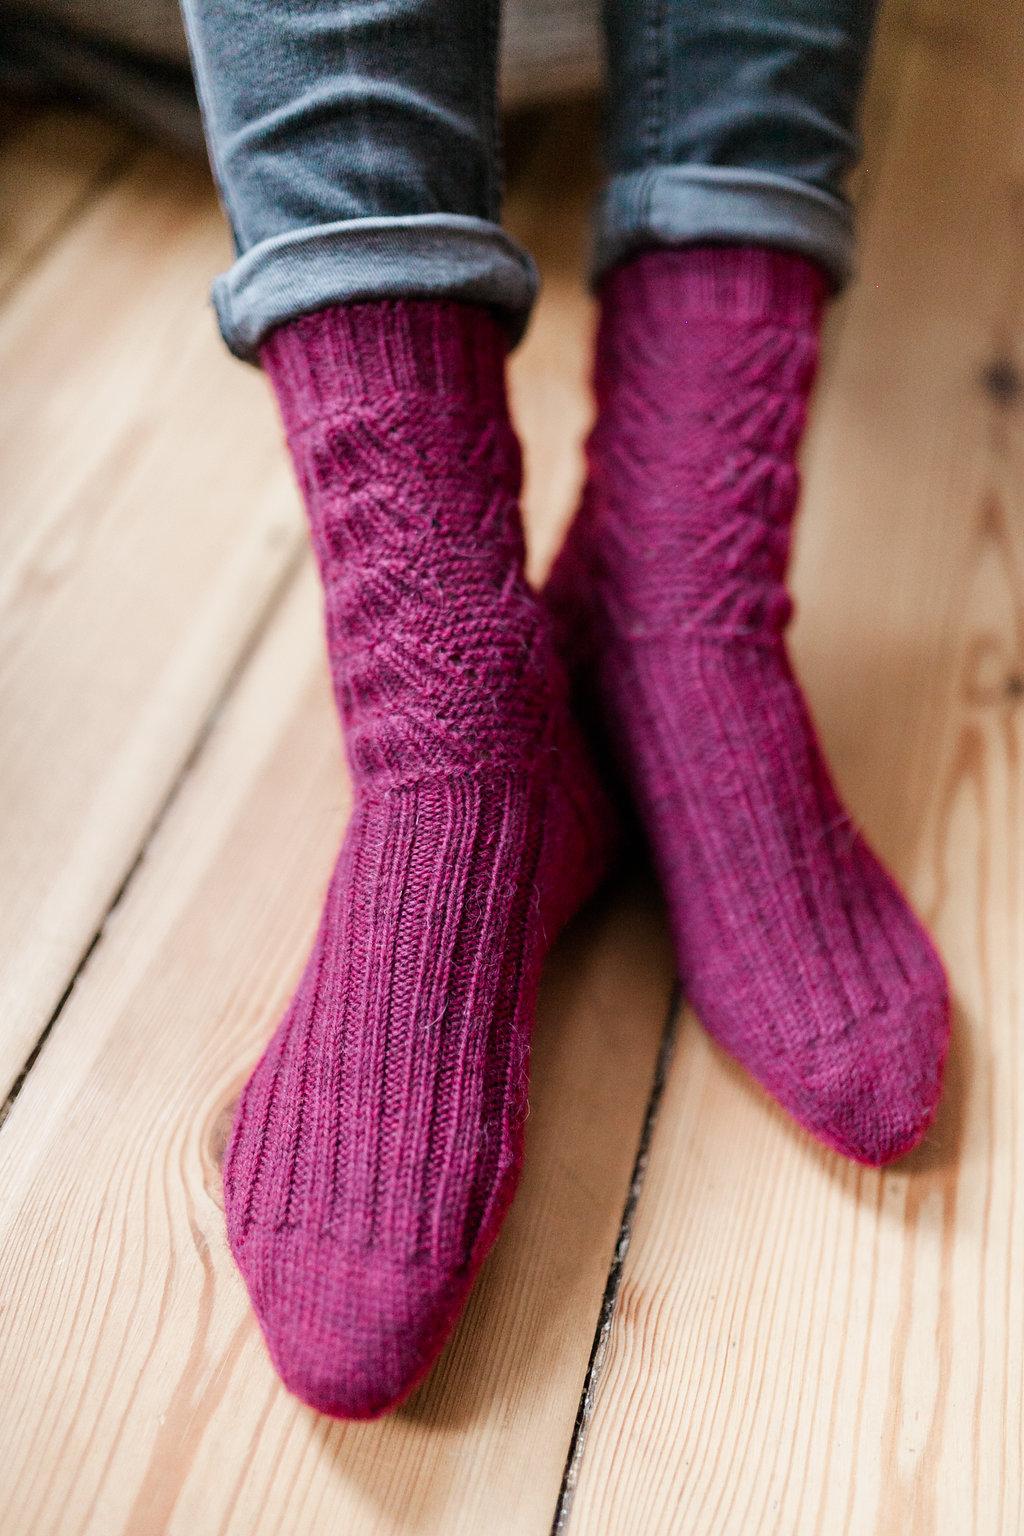 180113-socks-26.jpg